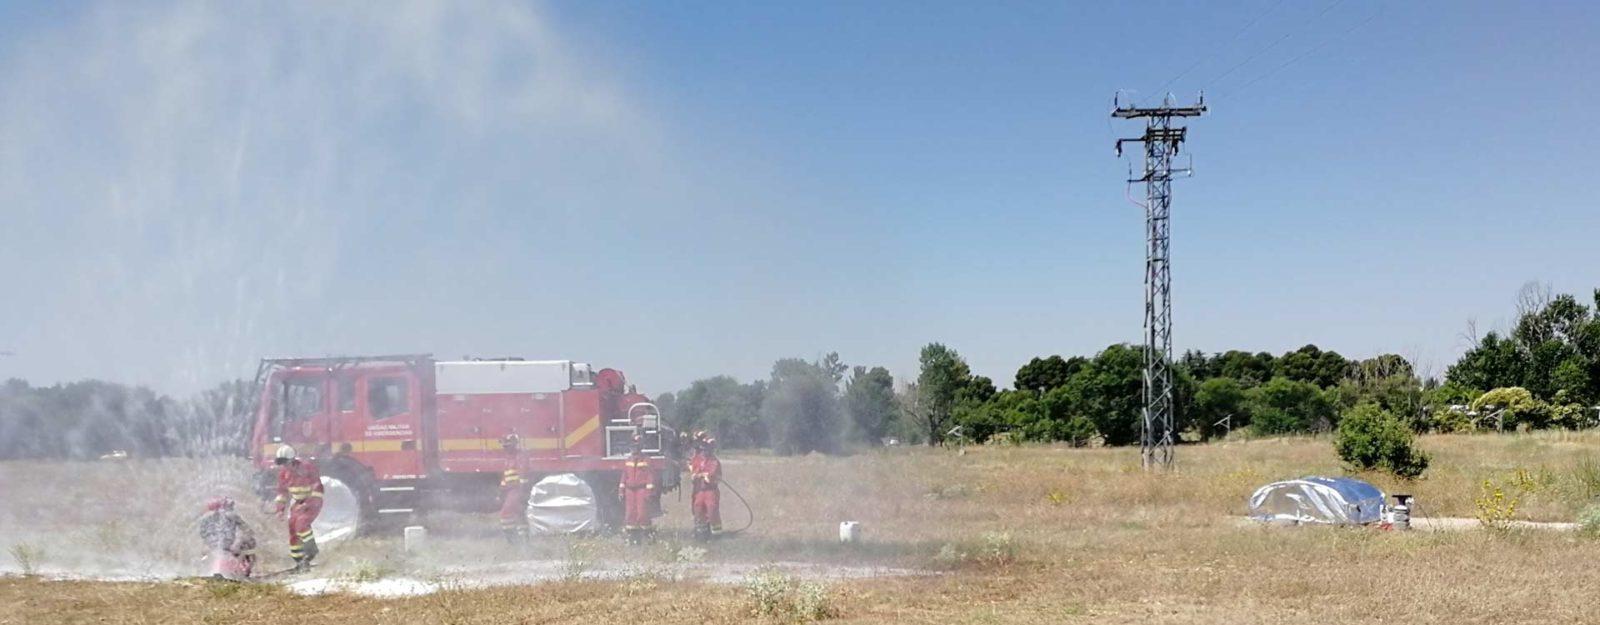 emergencias-bomberos-hispamast mástiles contraincendios bomberos rescate